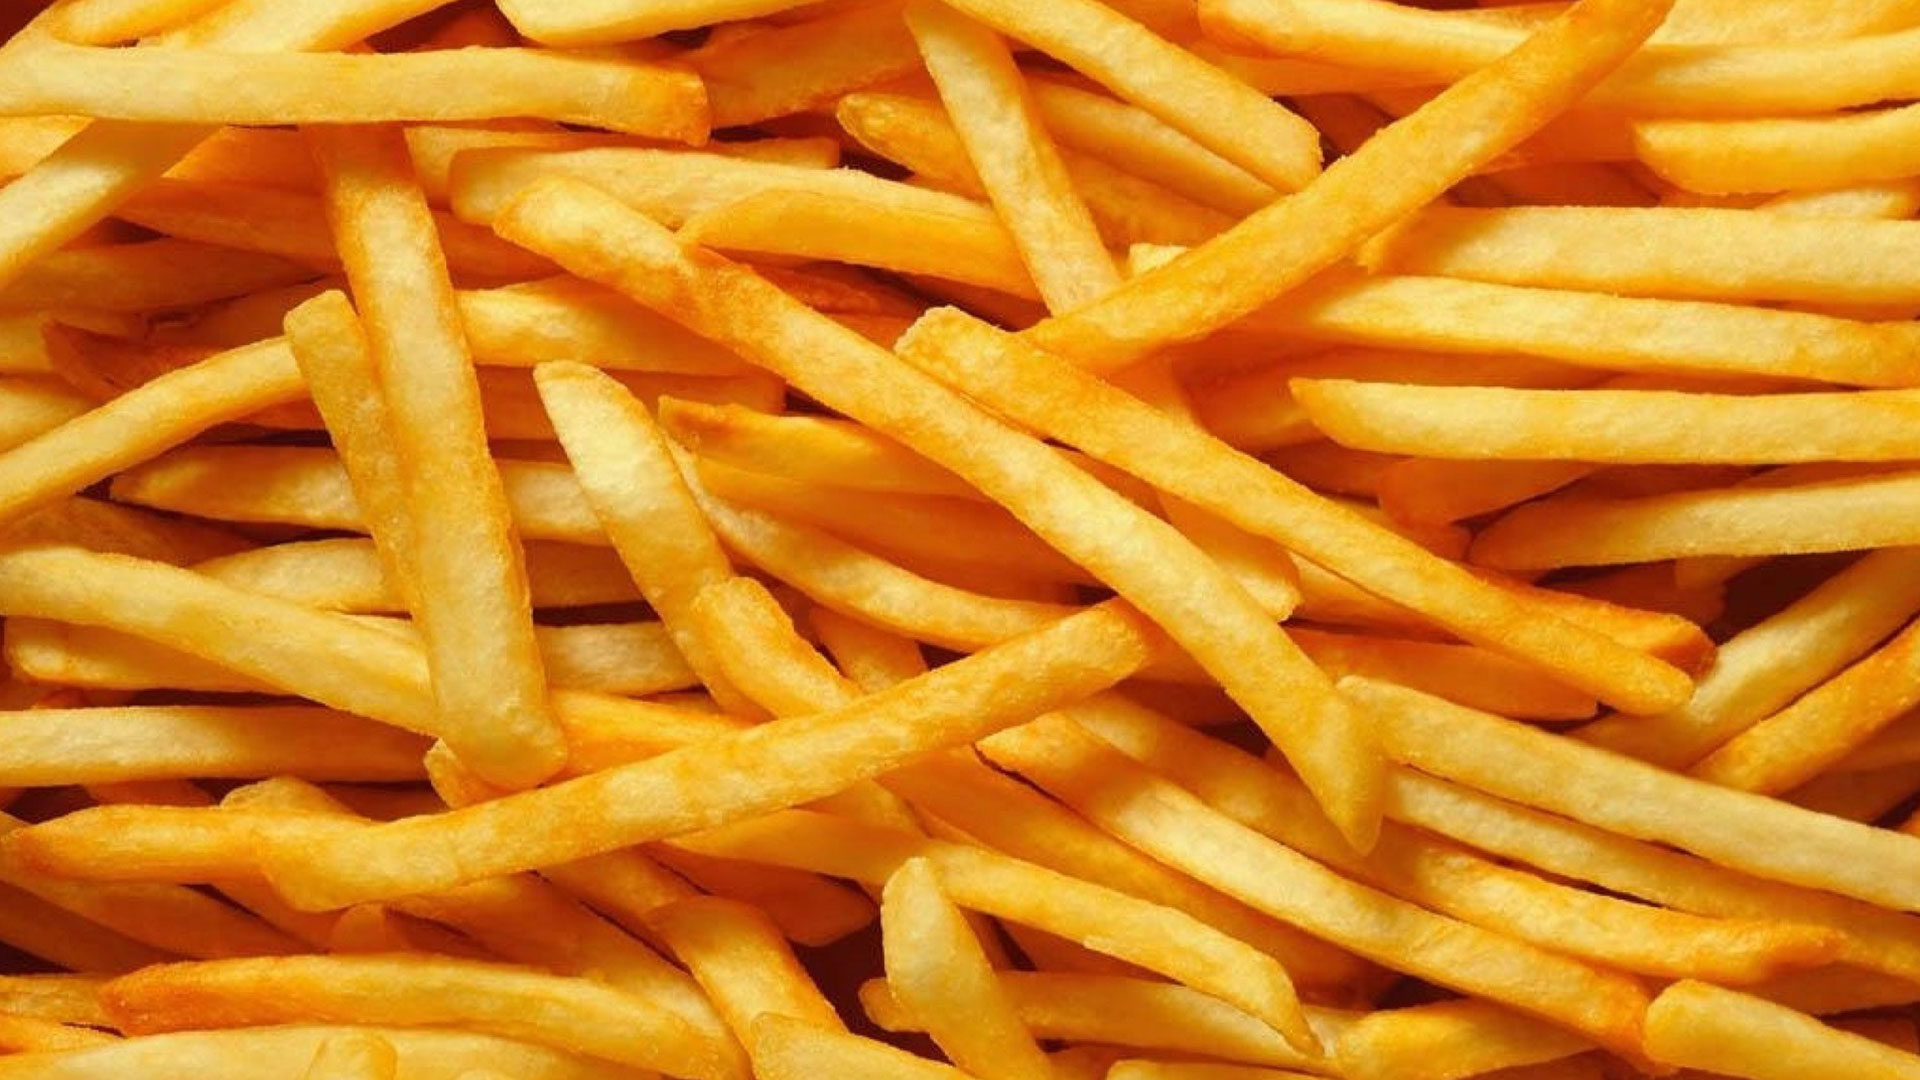 La porción ideal de papas fritas es de seis unidades